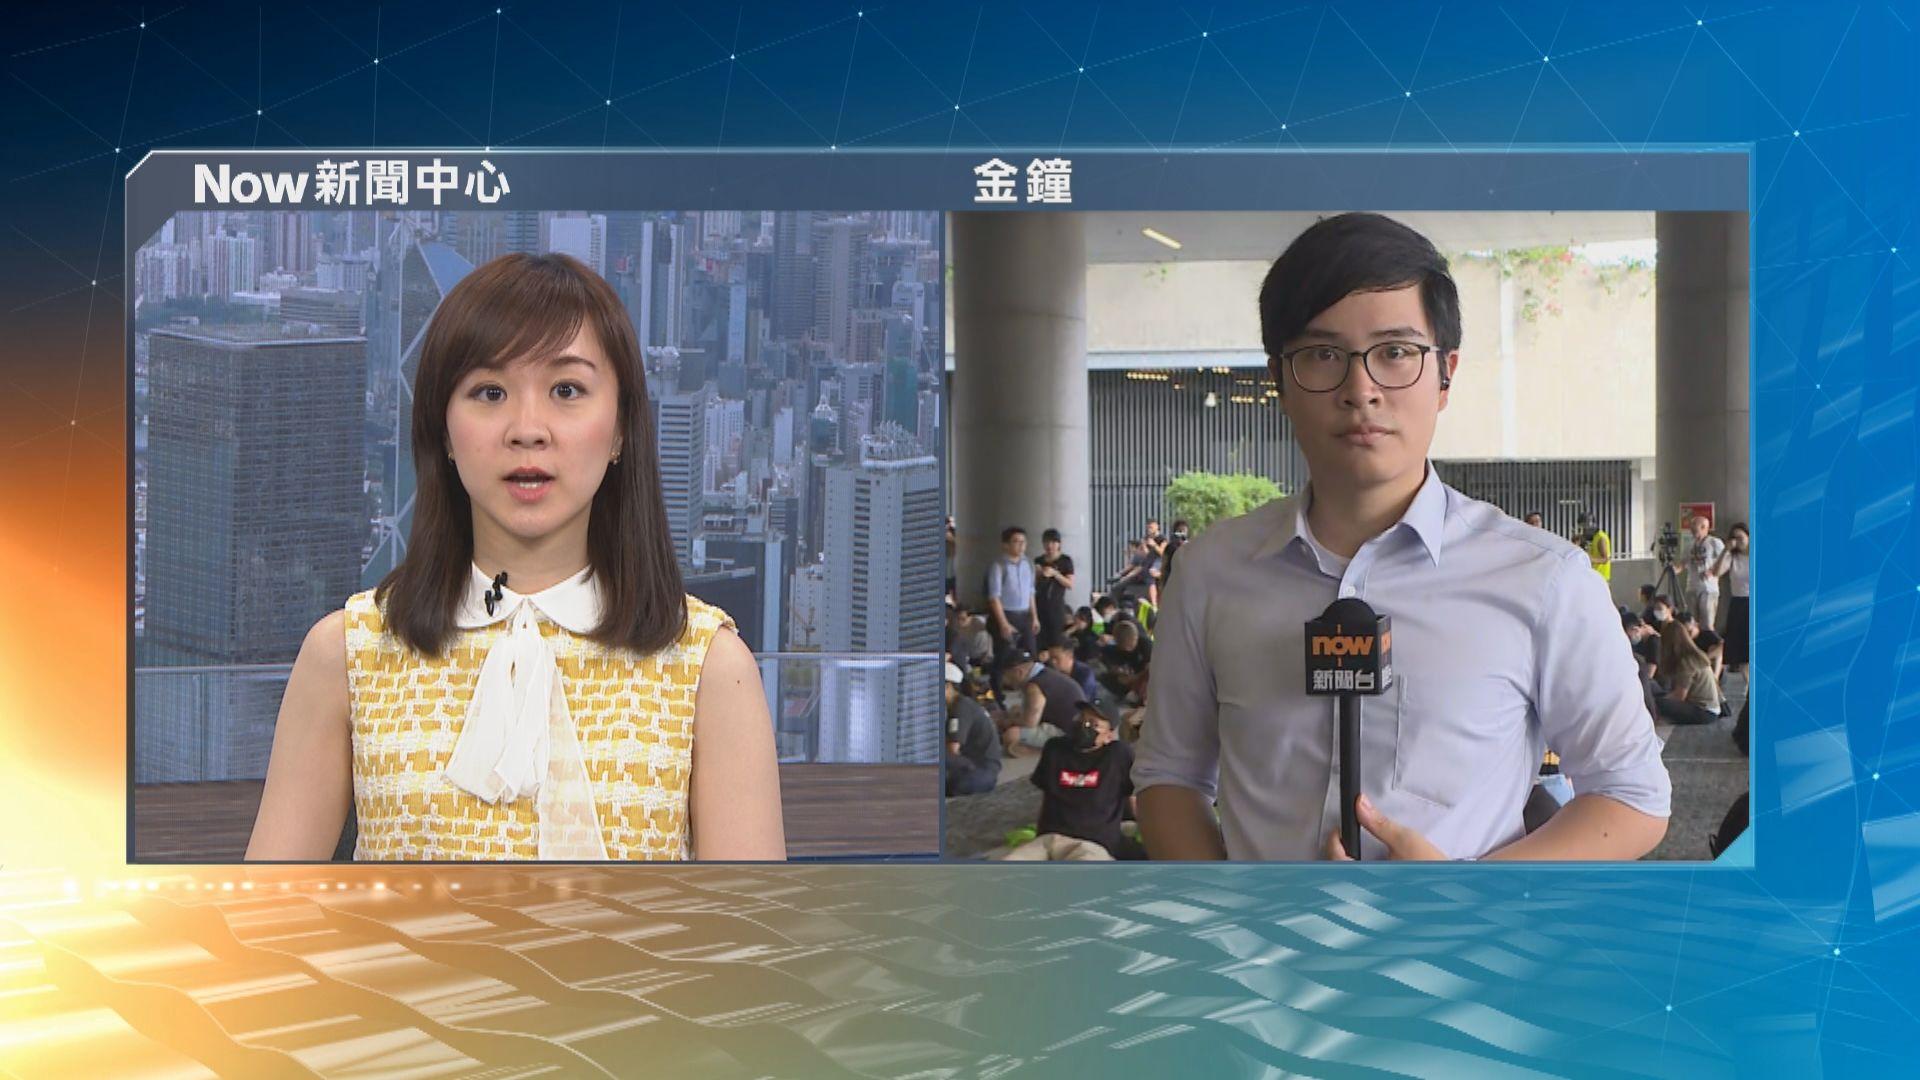 【現場報道】大批市民響應呼籲到政總聲援